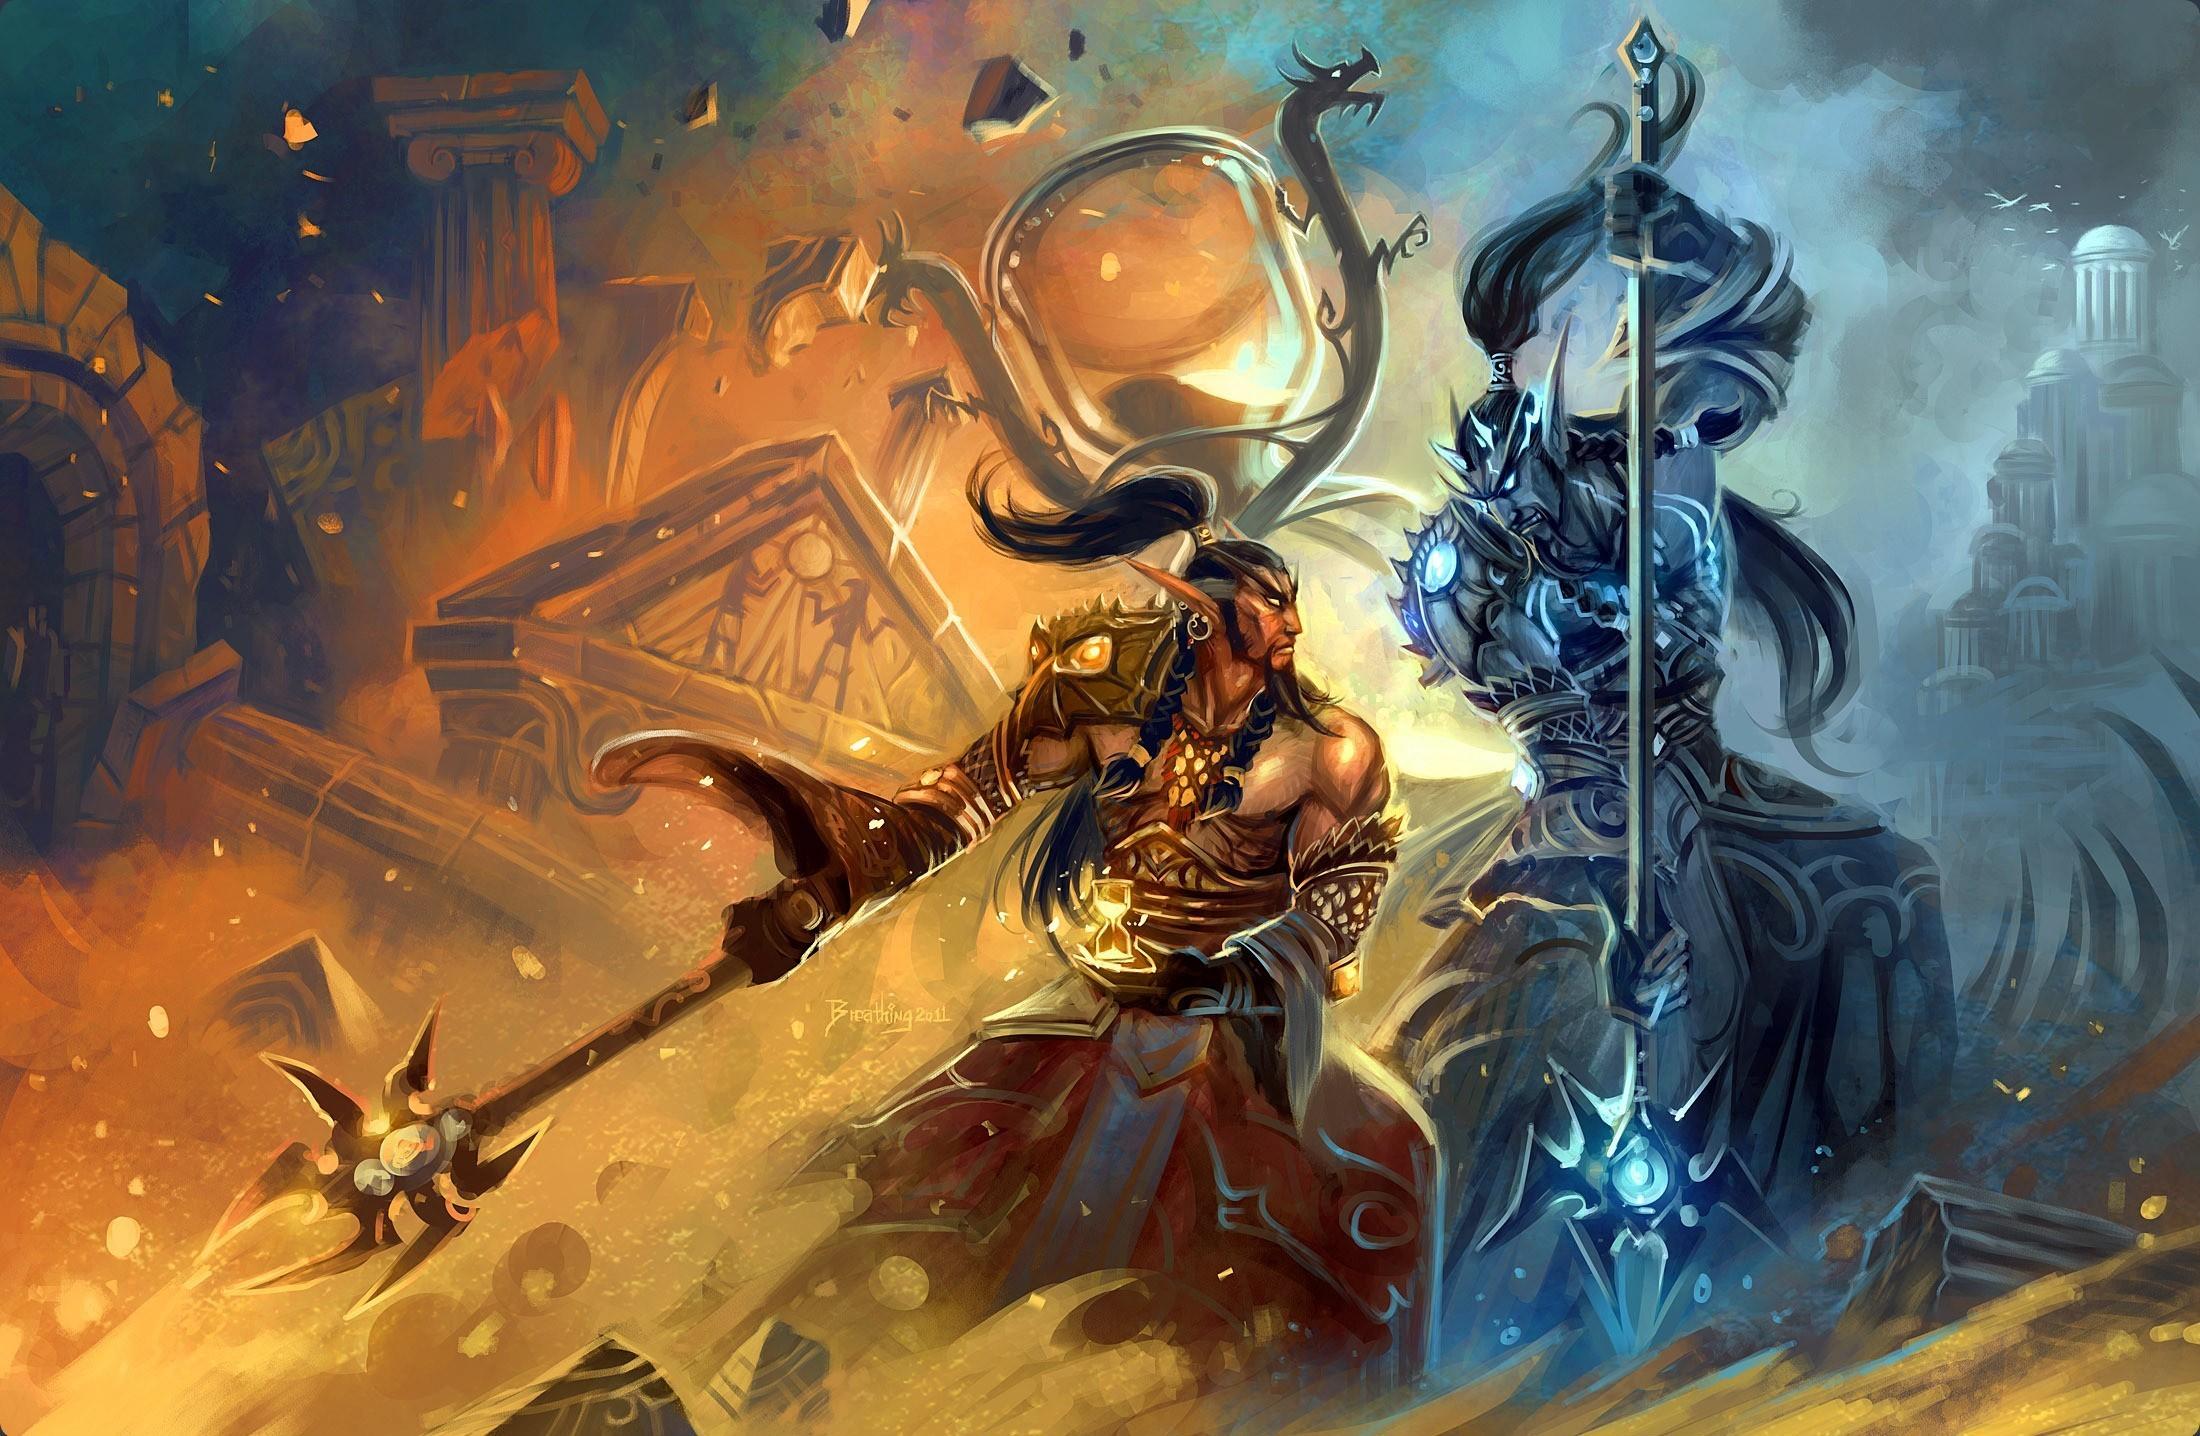 of WarCraft WoW Warriors Man Warrior fantasy battle battles wallpaper 2200x1436